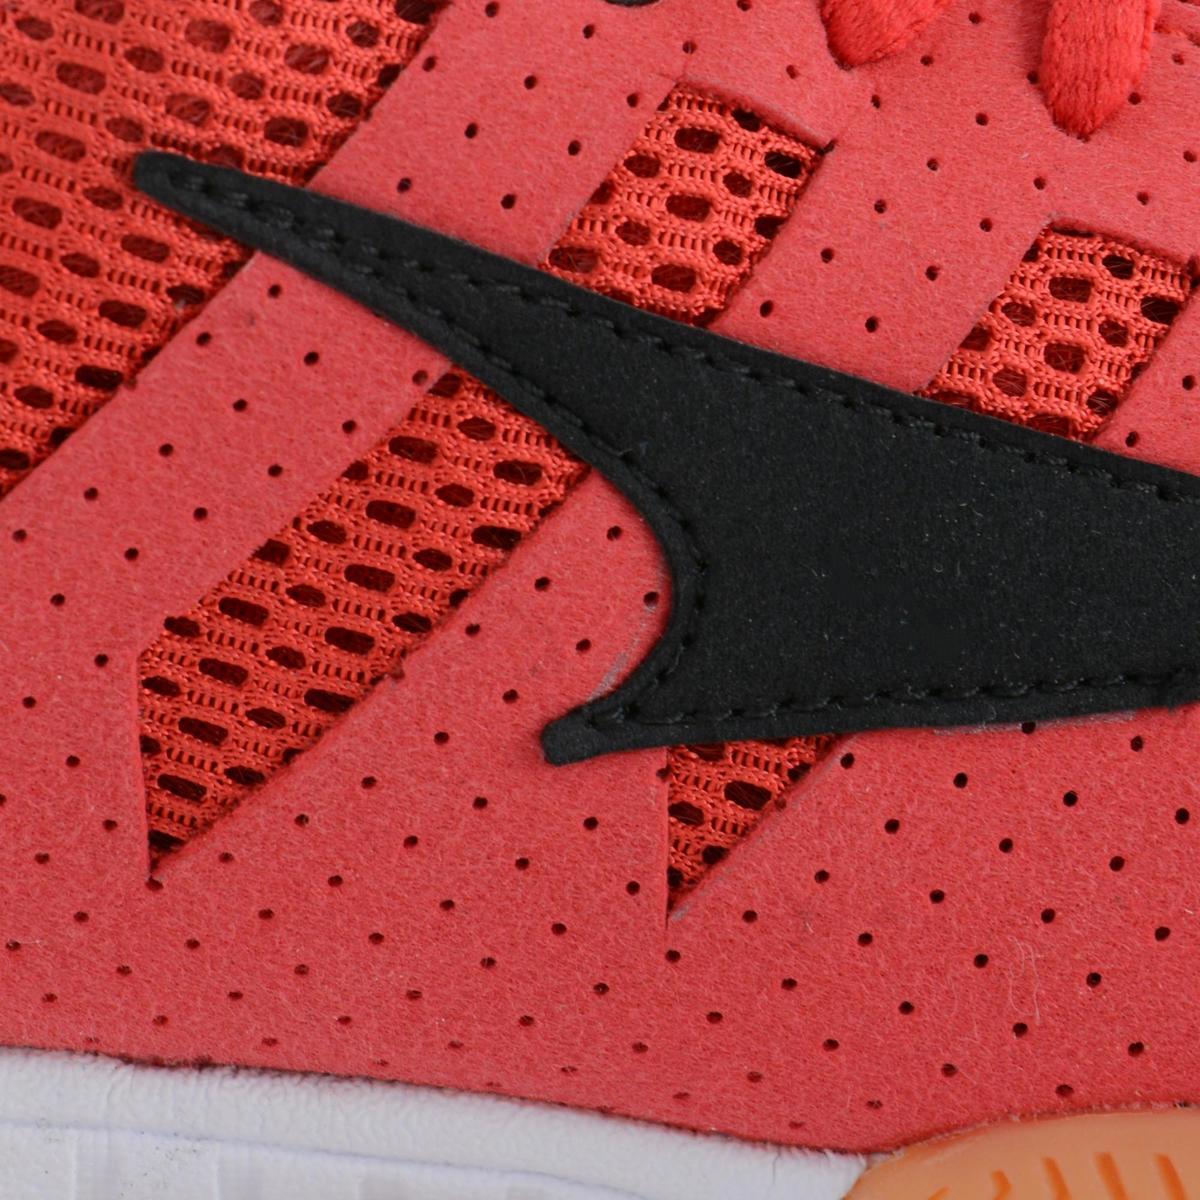 Bild 5 von Tischtennisschuhe Perform rot